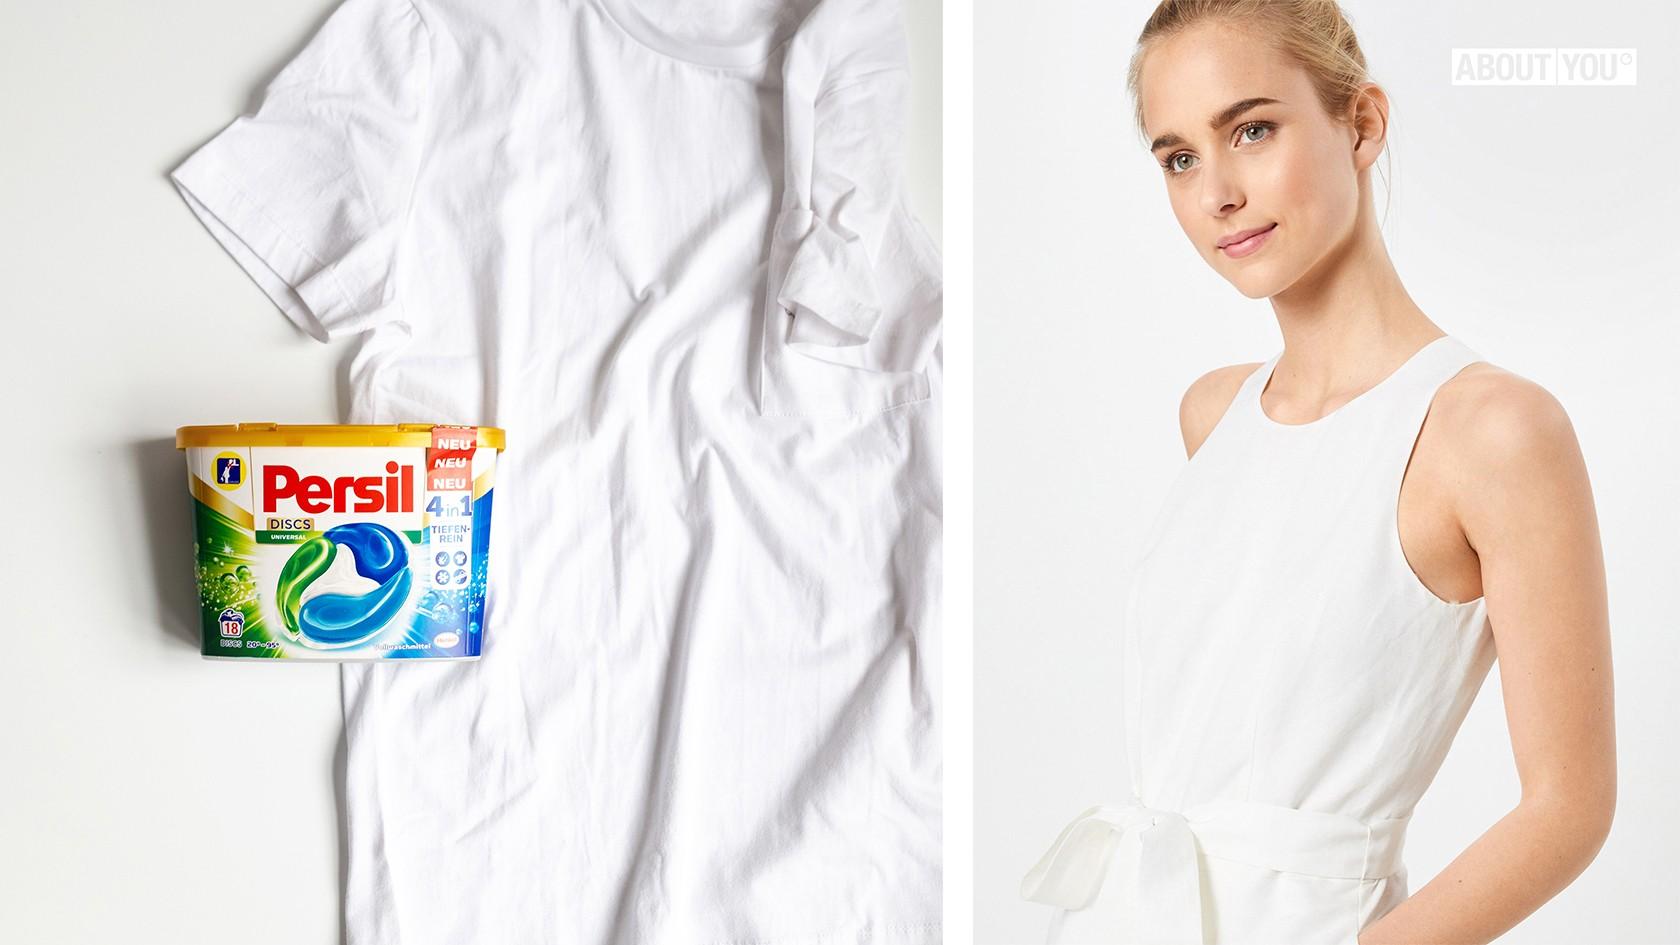 Persil 4in1 Discs neben einem weißen Shirt. Daneben: Eine blonde Frau in einem strahlend weißen, ärmellosen Oberteil.